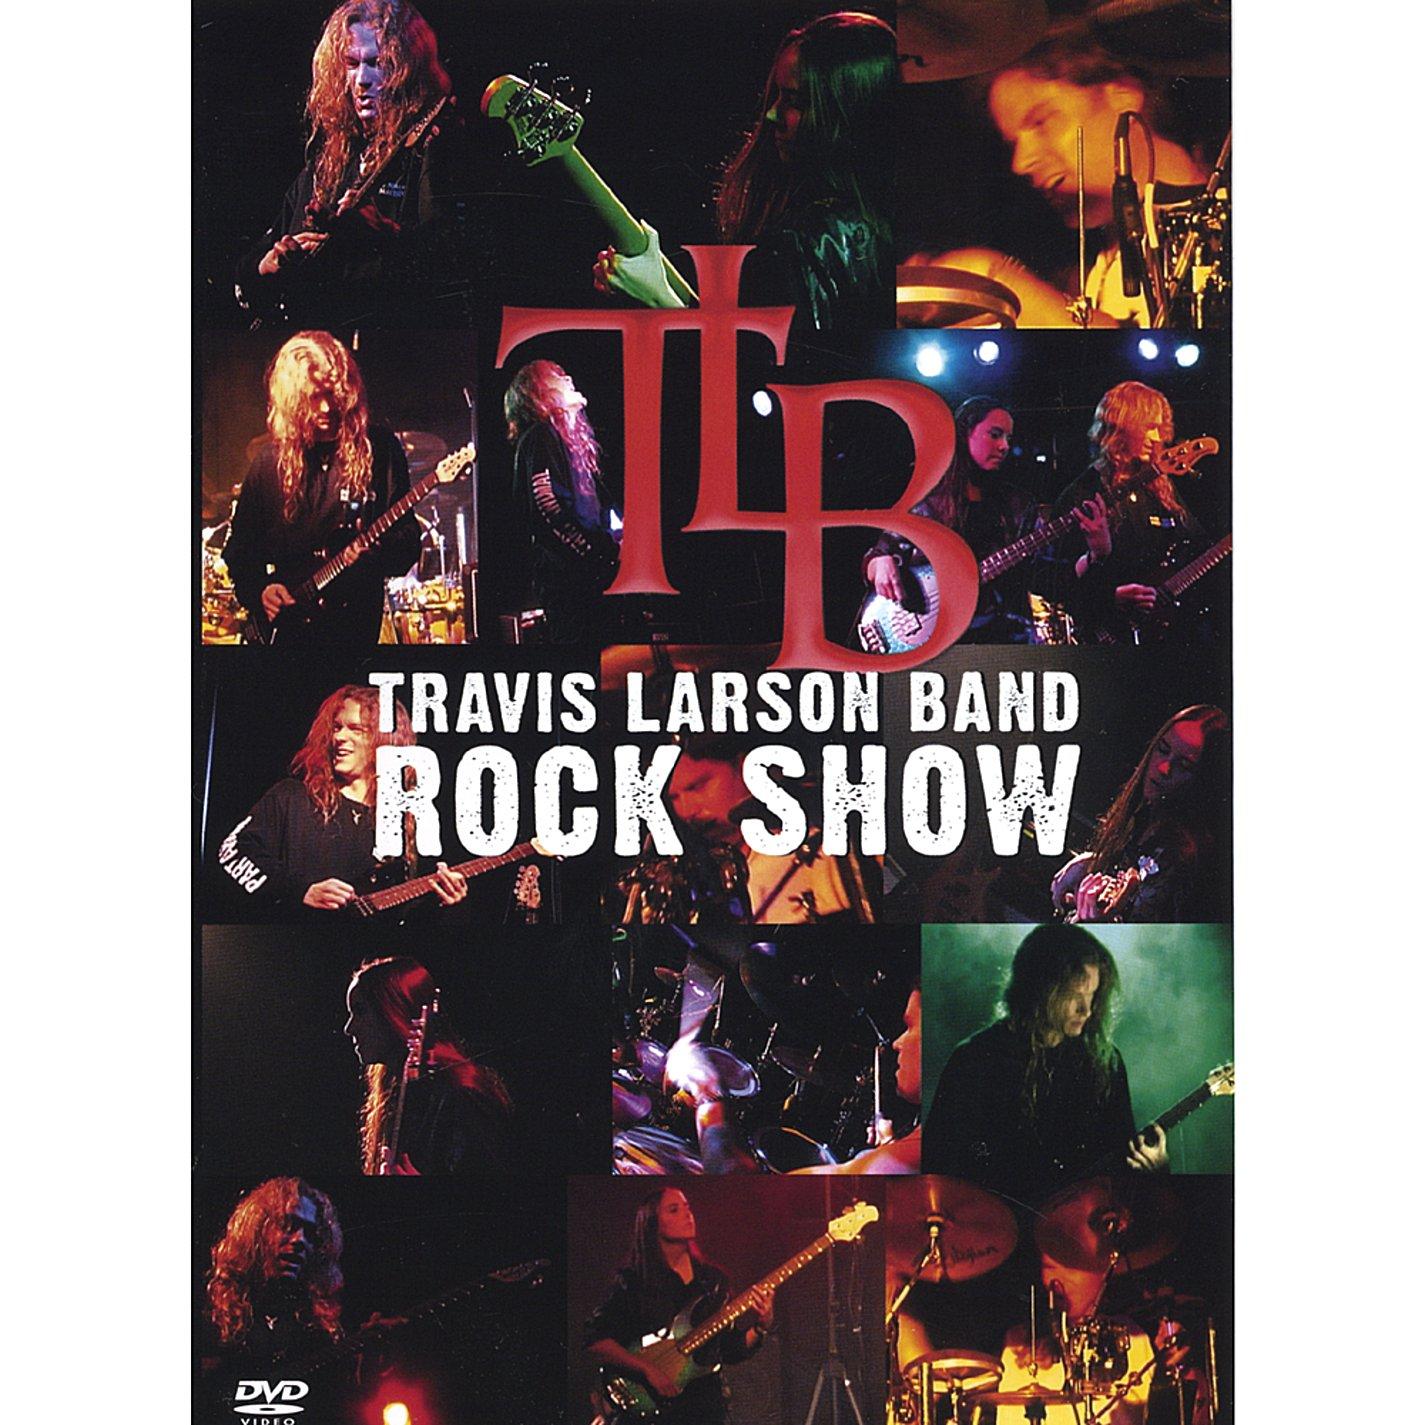 Rock Show DVD [DVD]